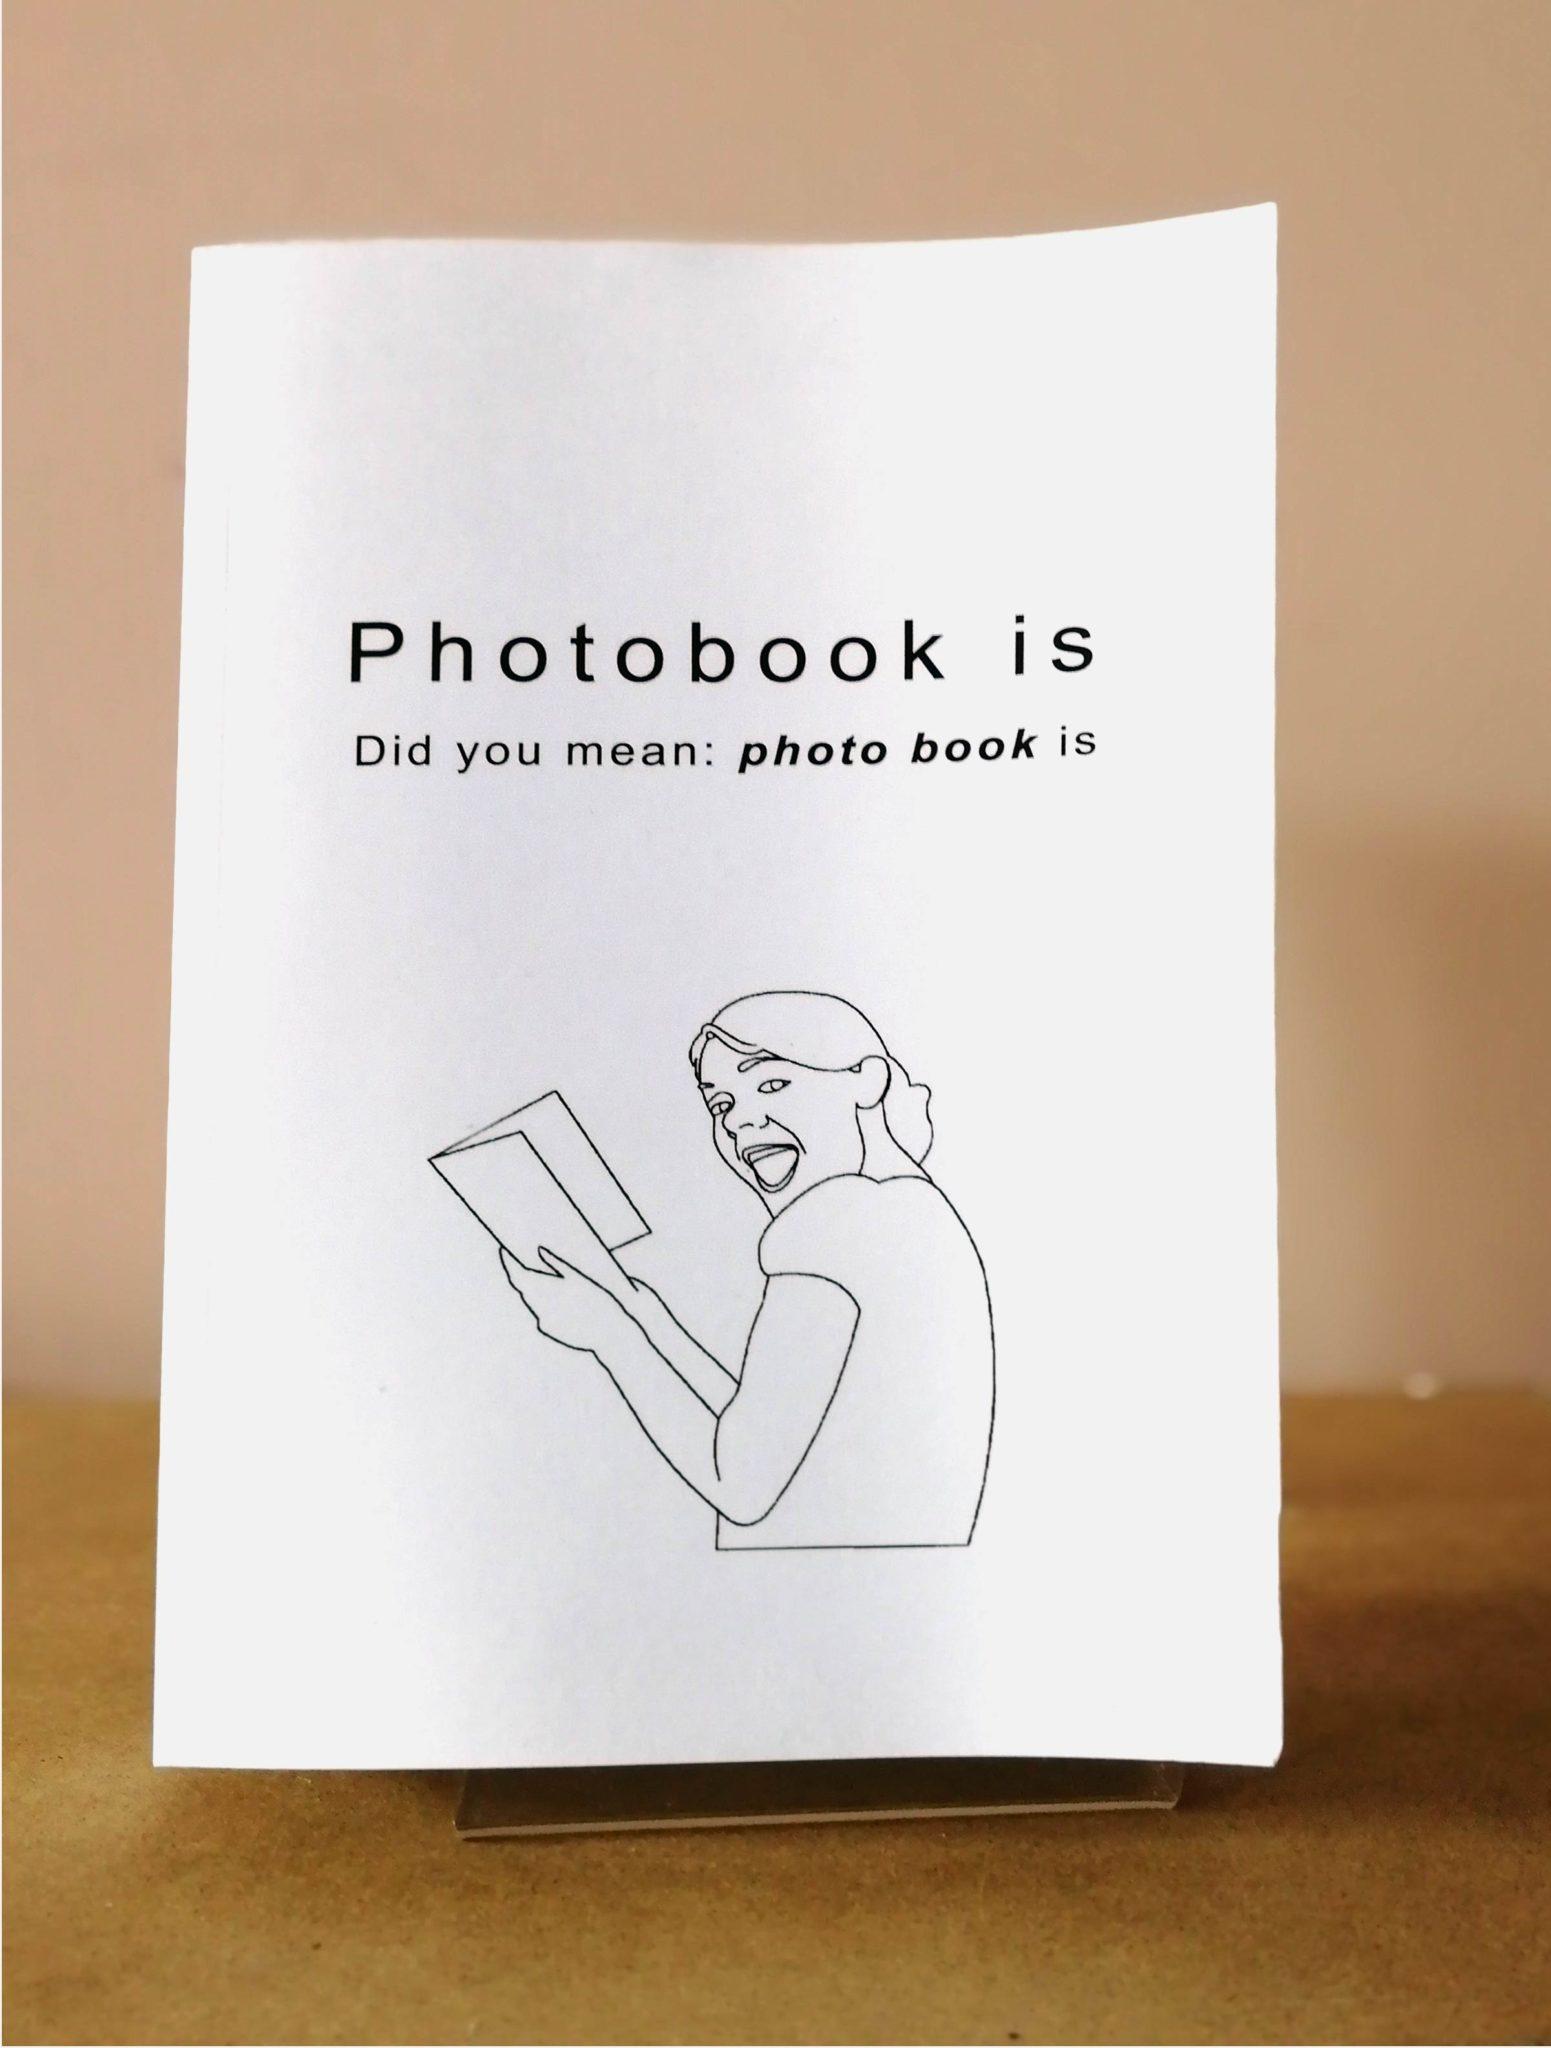 msdm-photobook-is-06